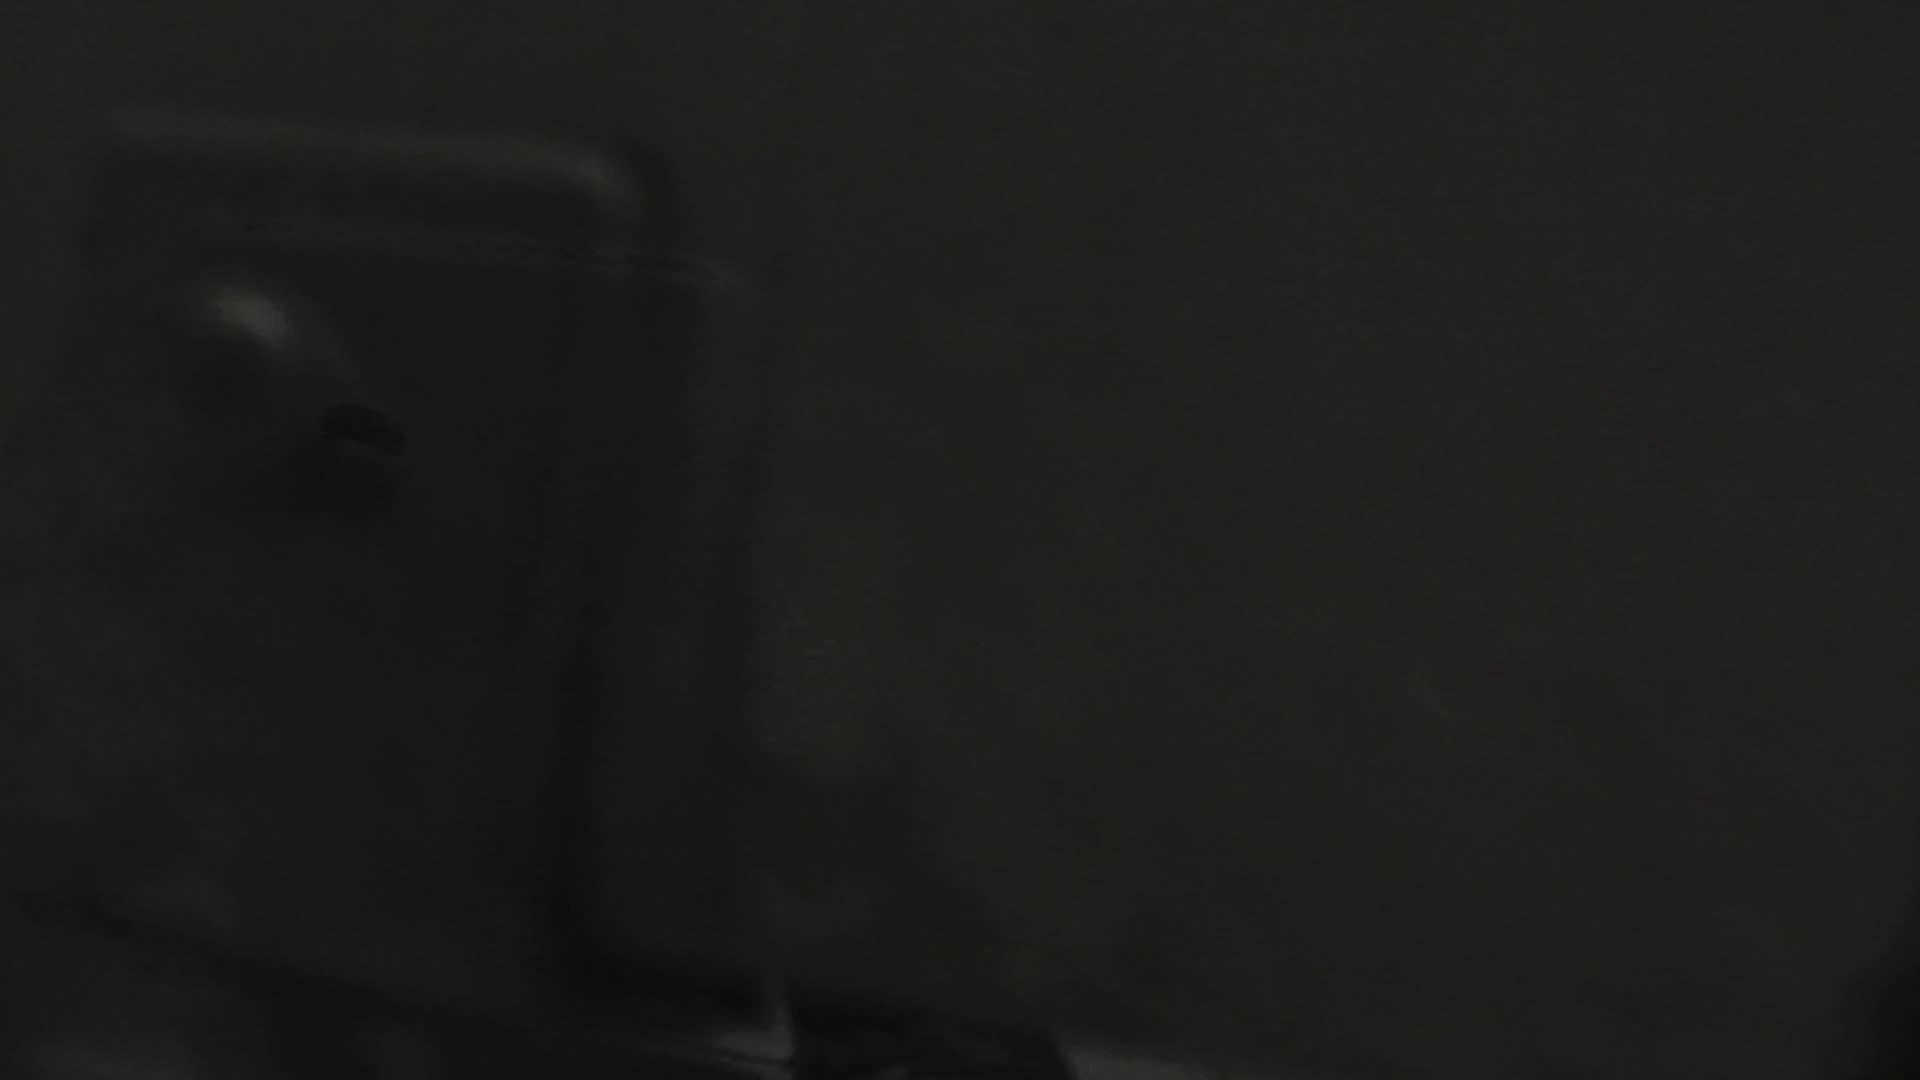 洗面所特攻隊vol.012 OLのボディ | 洗面所  105PIX 79